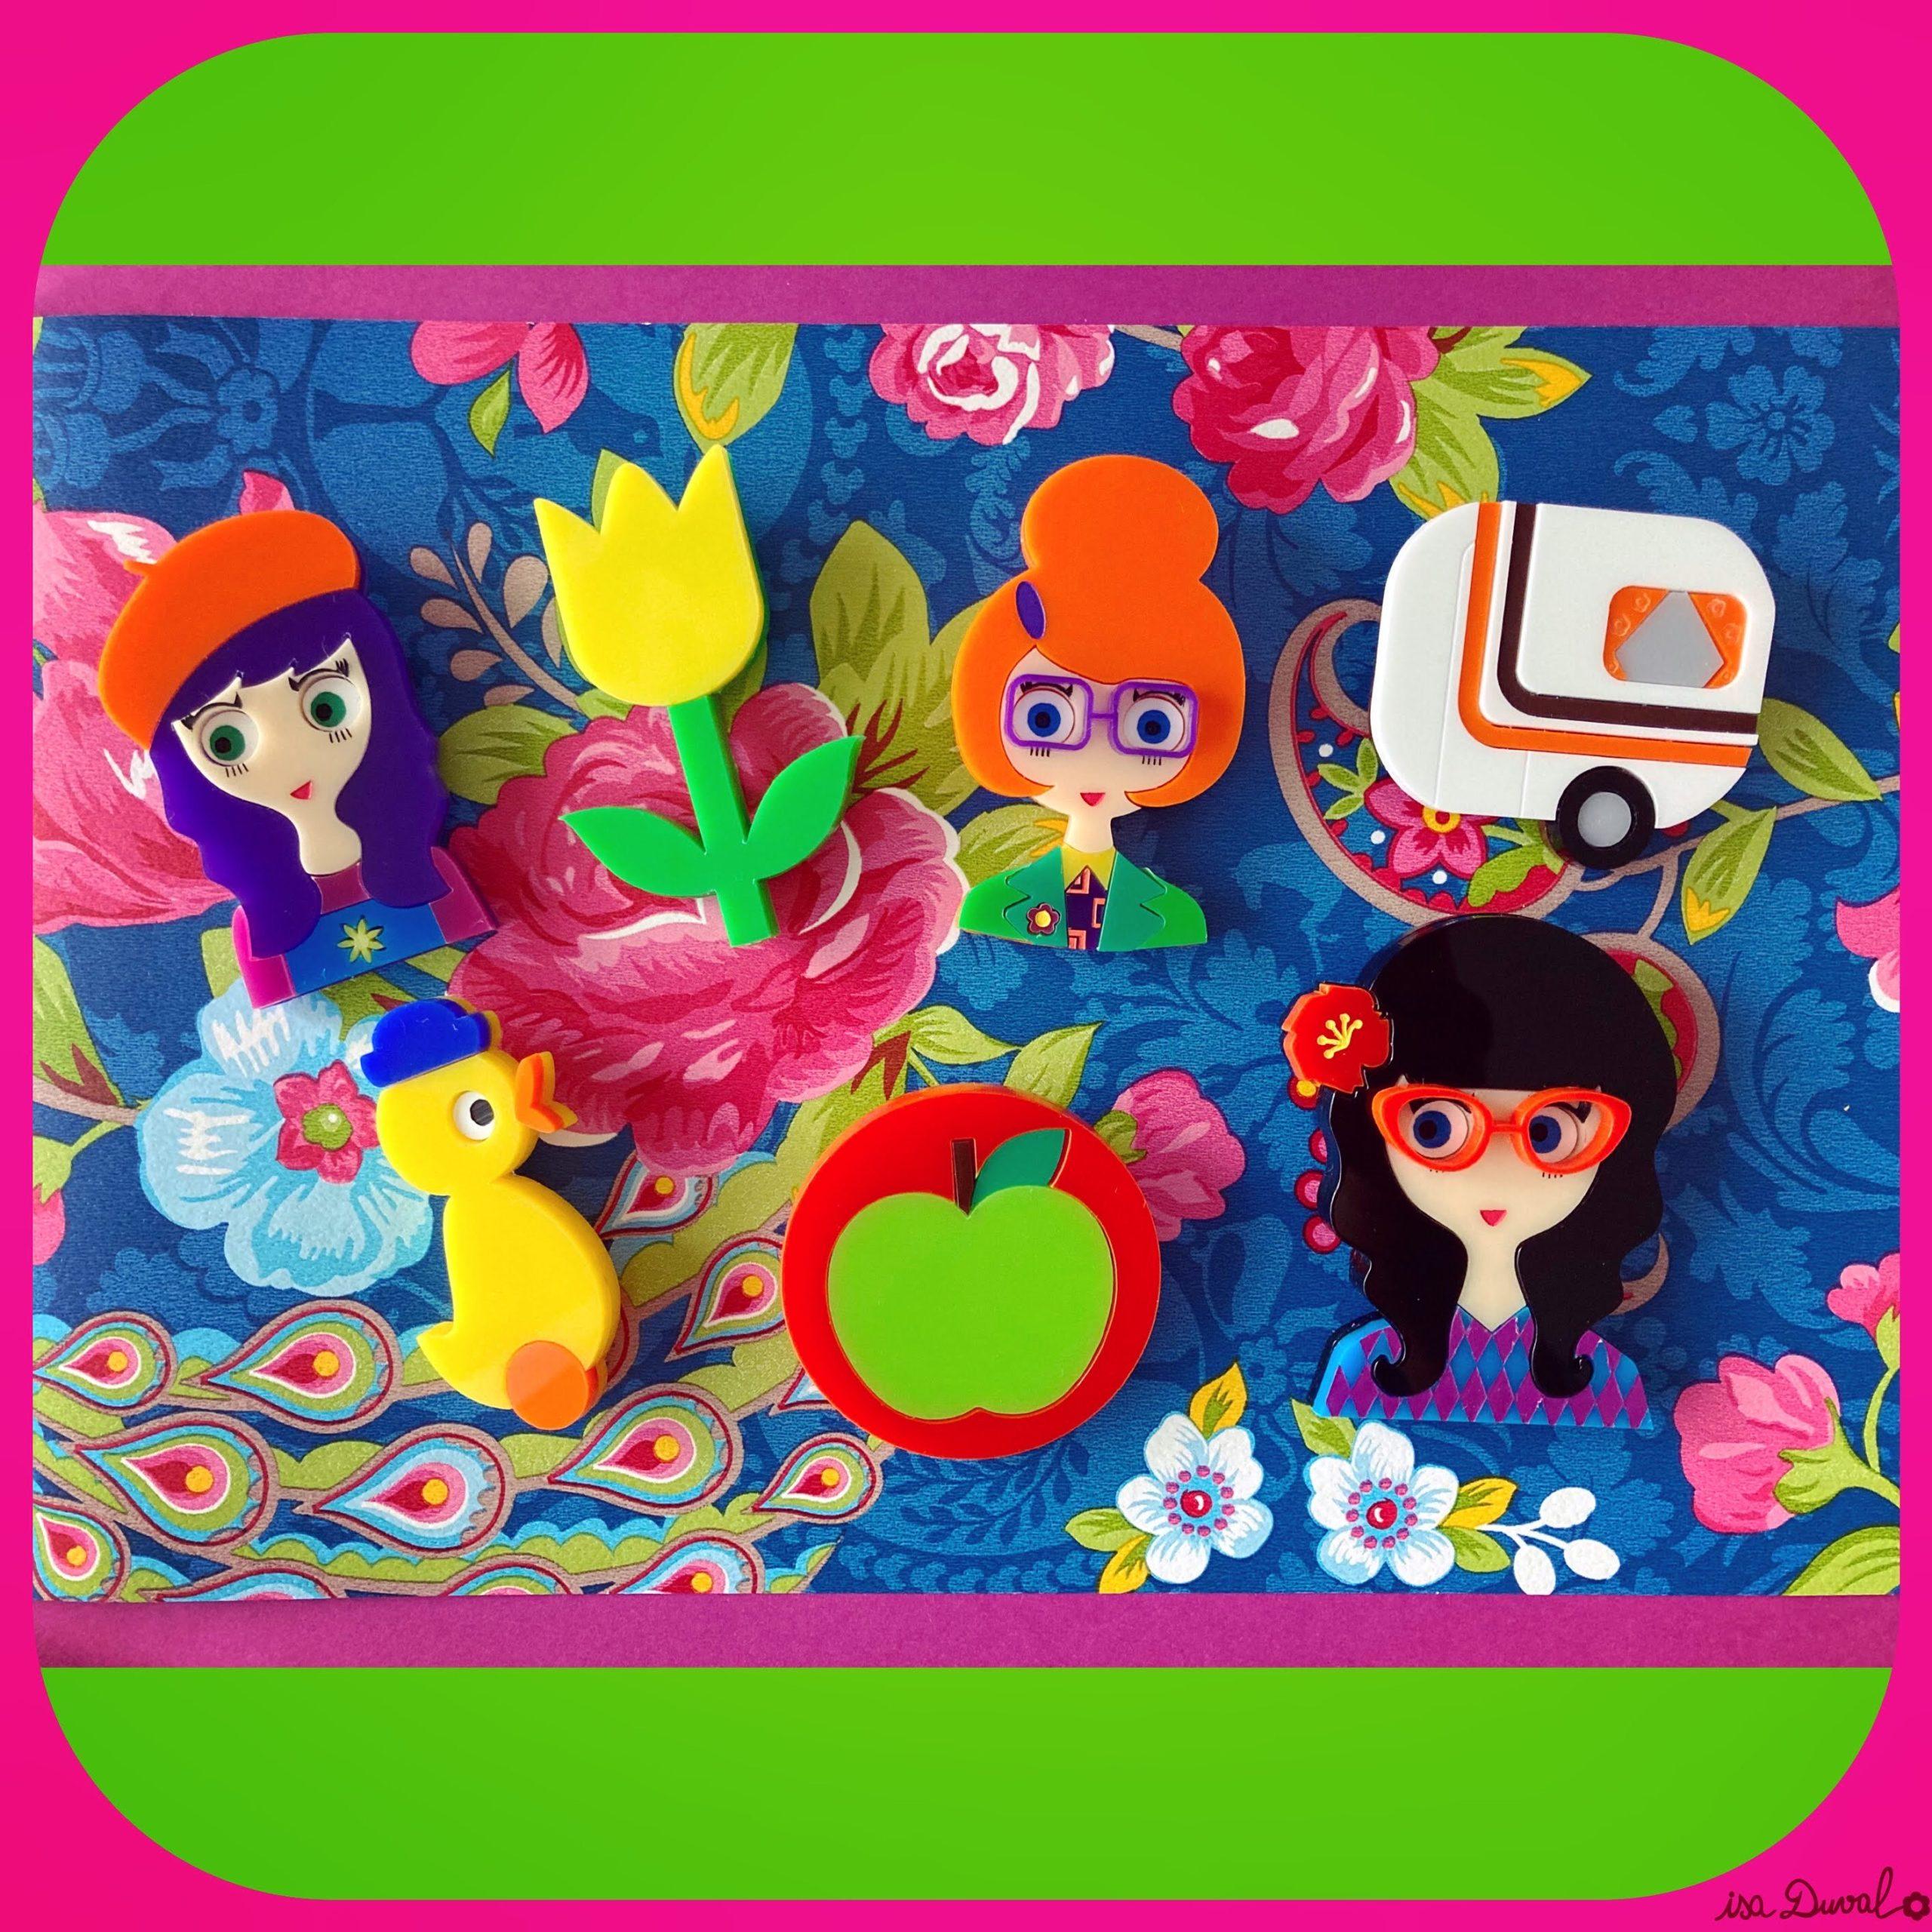 Une broche qui vous ressemble : les créations rétro et colorées d'Isa Duval